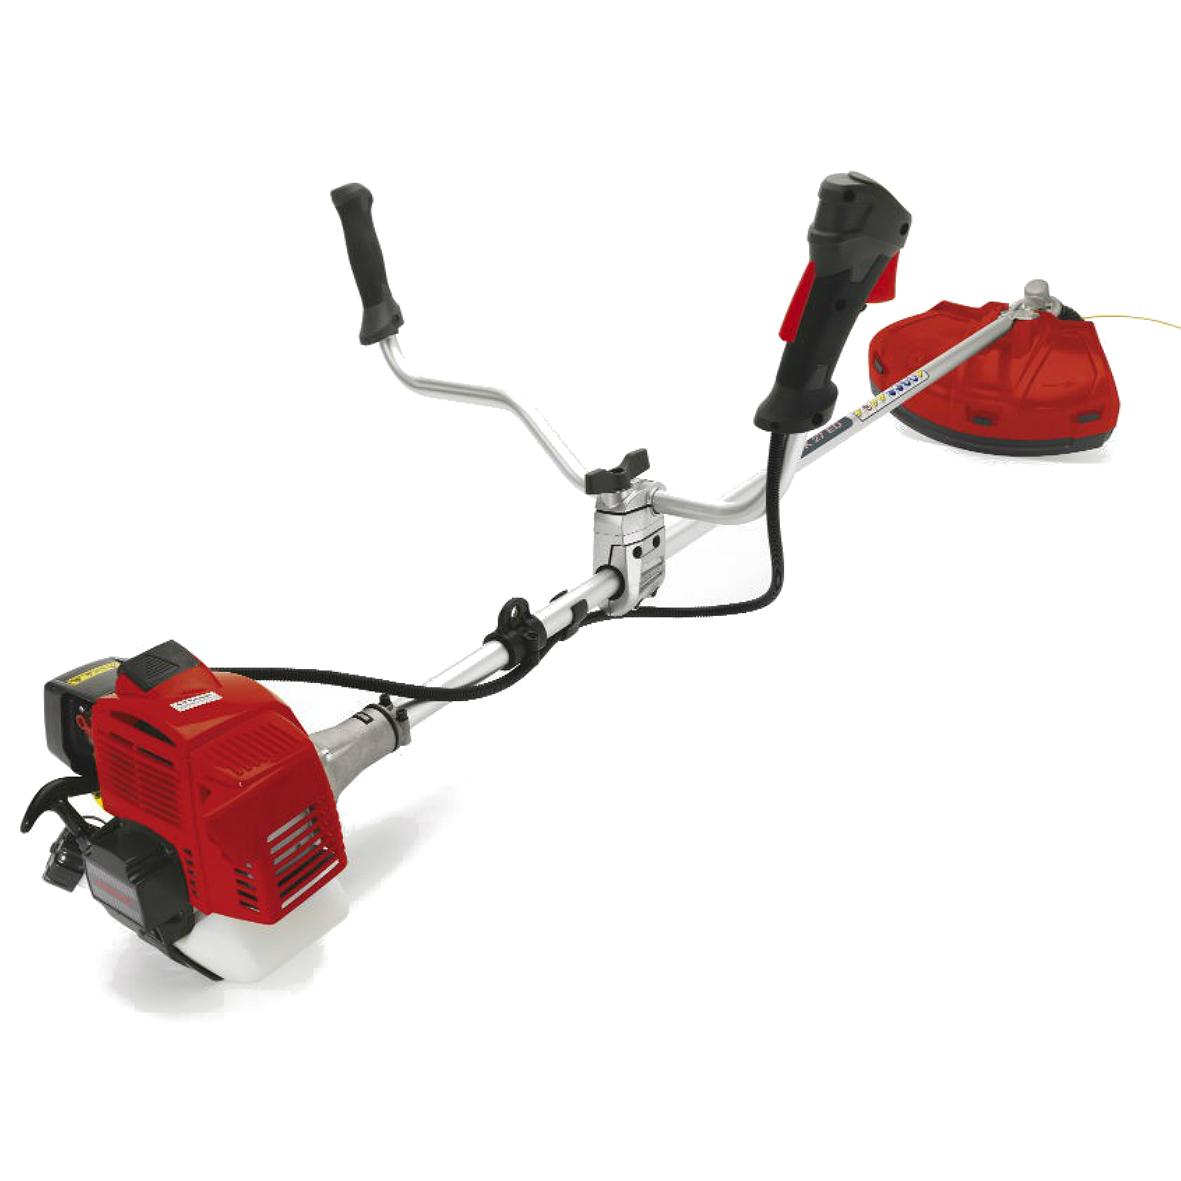 Kawasaki Bk Ed Brushcutter